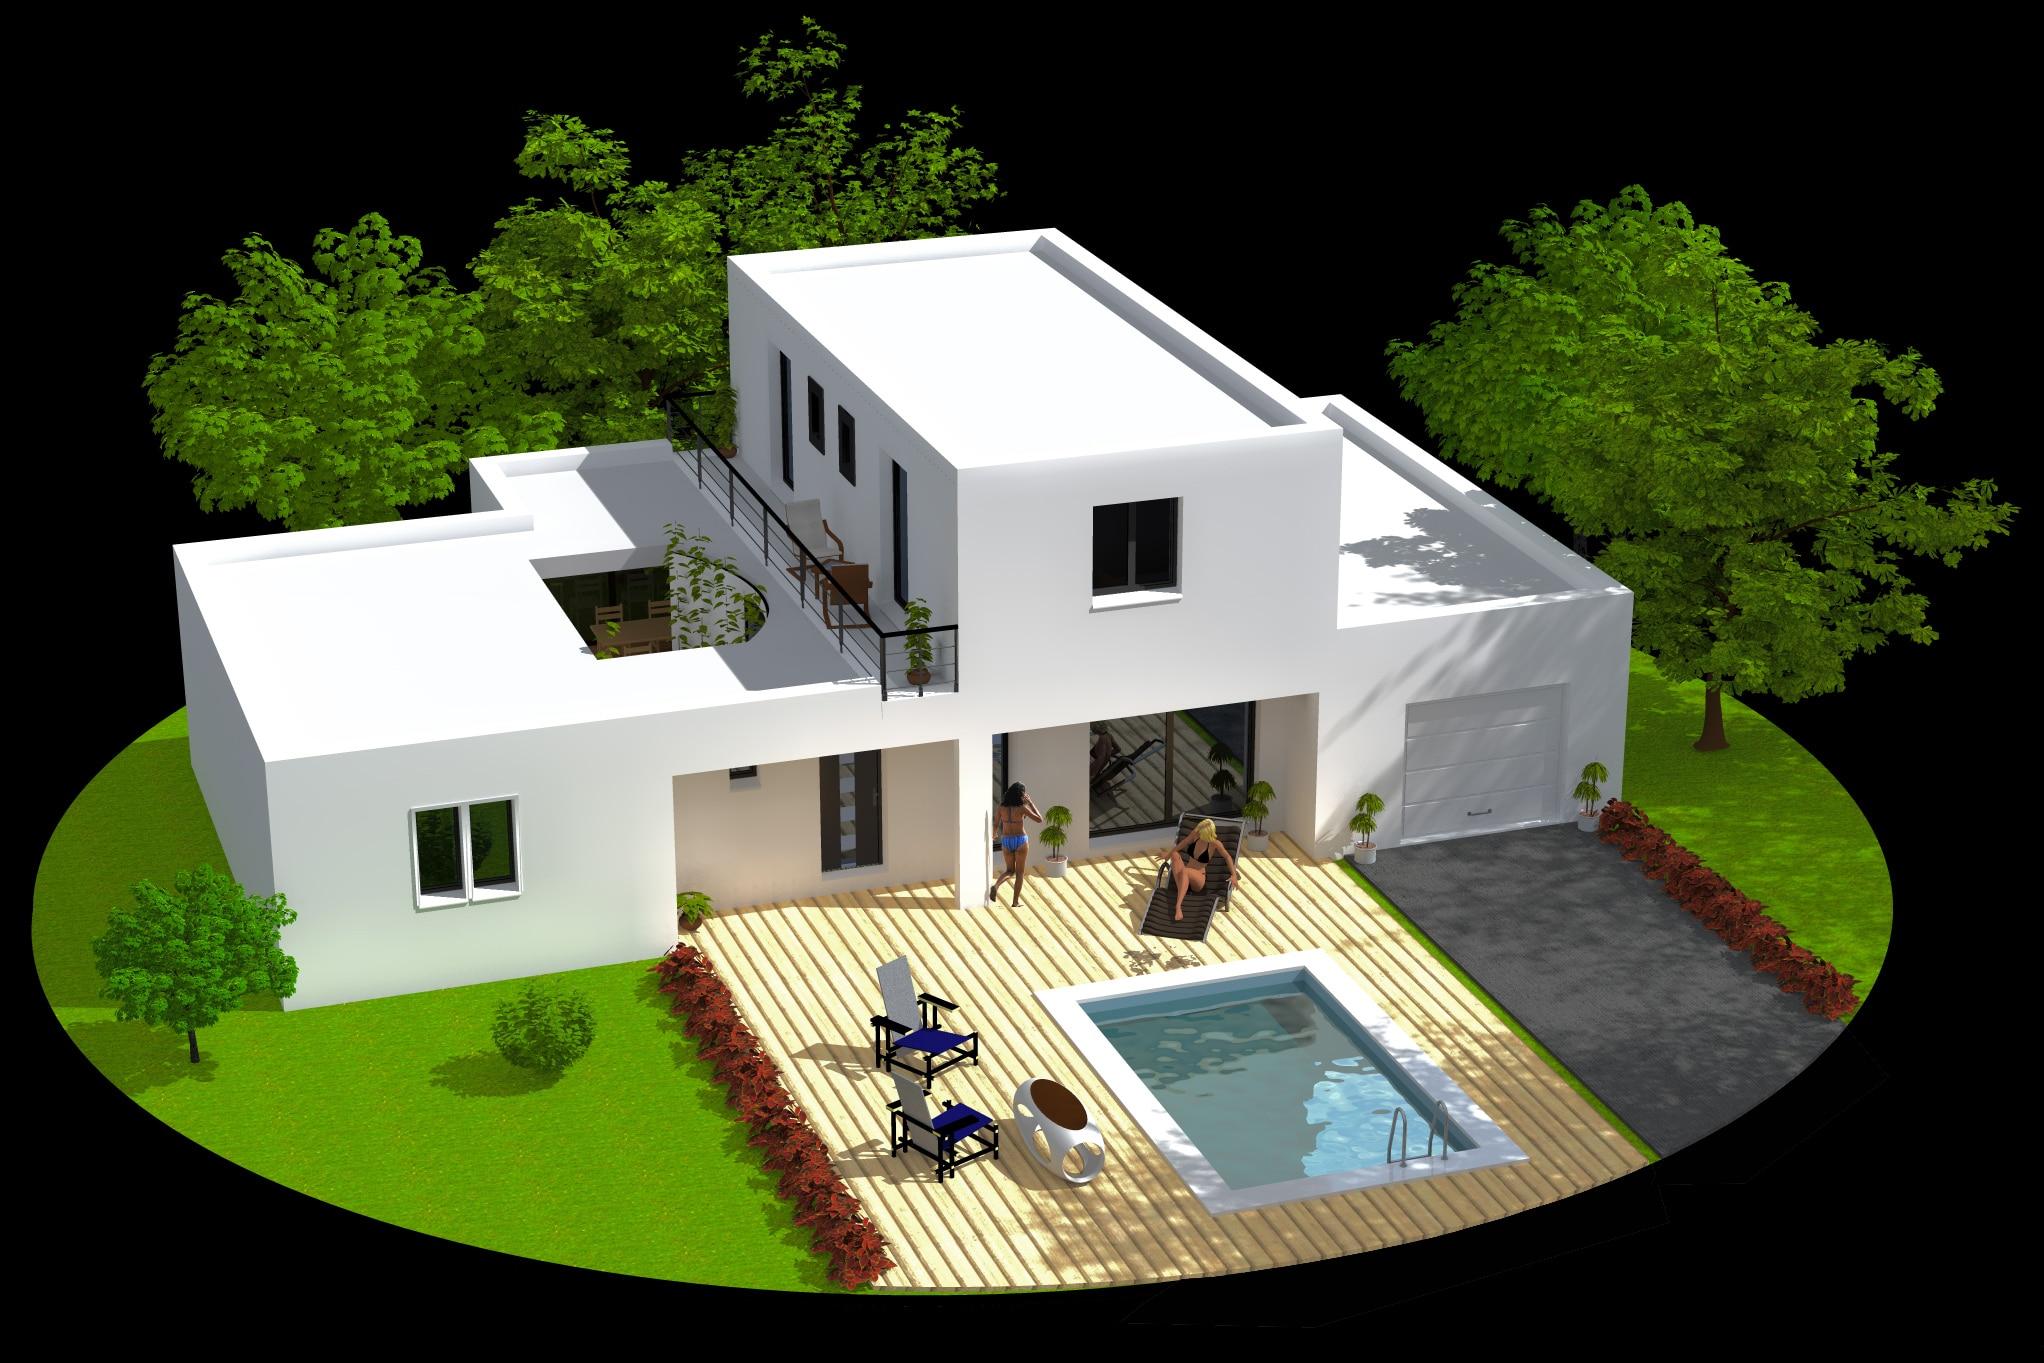 Cr er sa maison virtuel gratuit - Creer plan maison gratuit ...